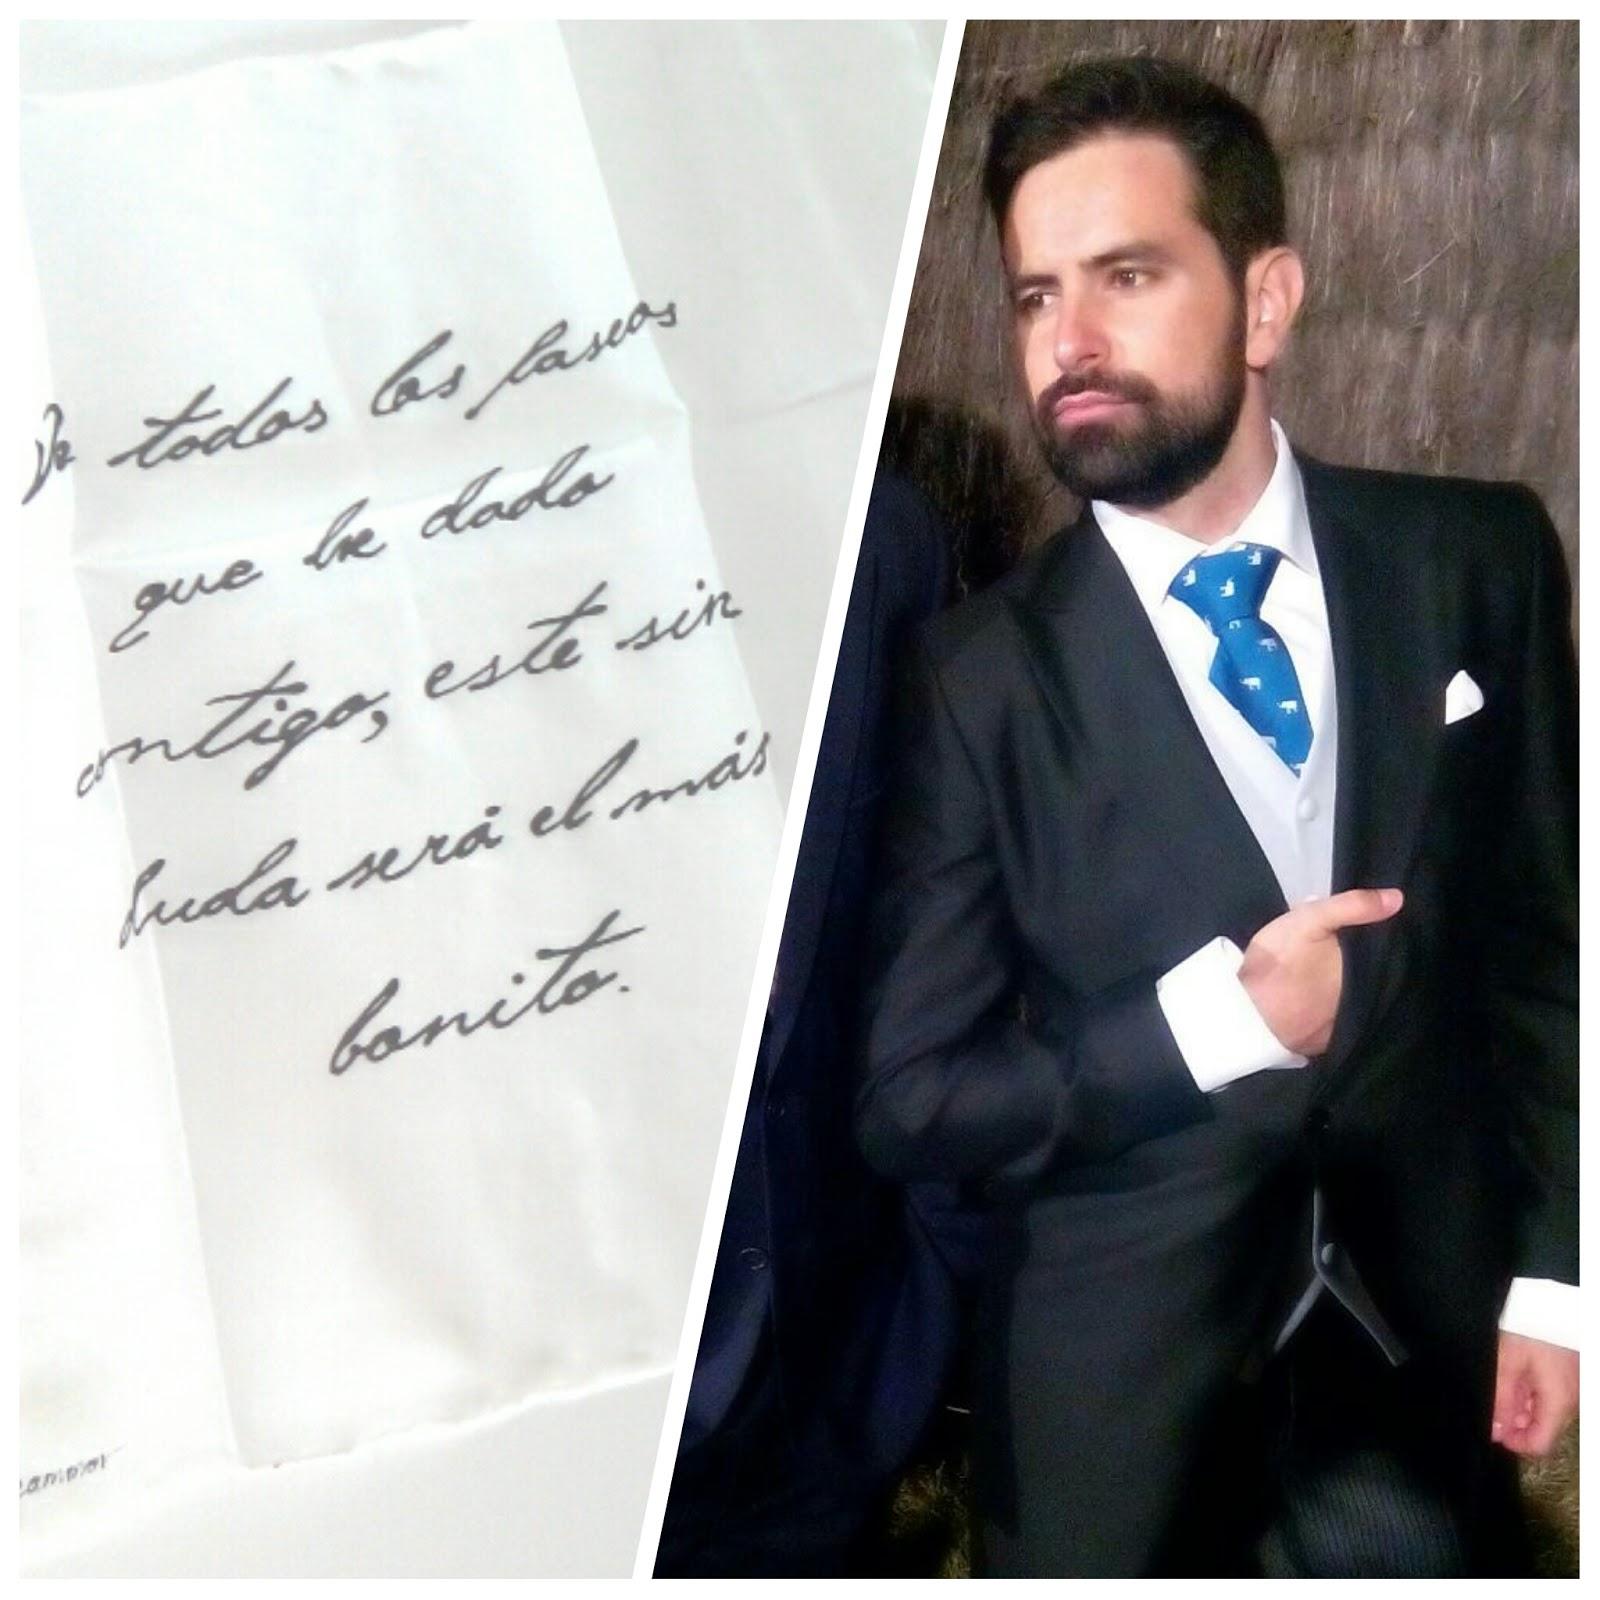 Dreammor  pañuelos de seda pintada personalizados para novios y ... 943d878c732c